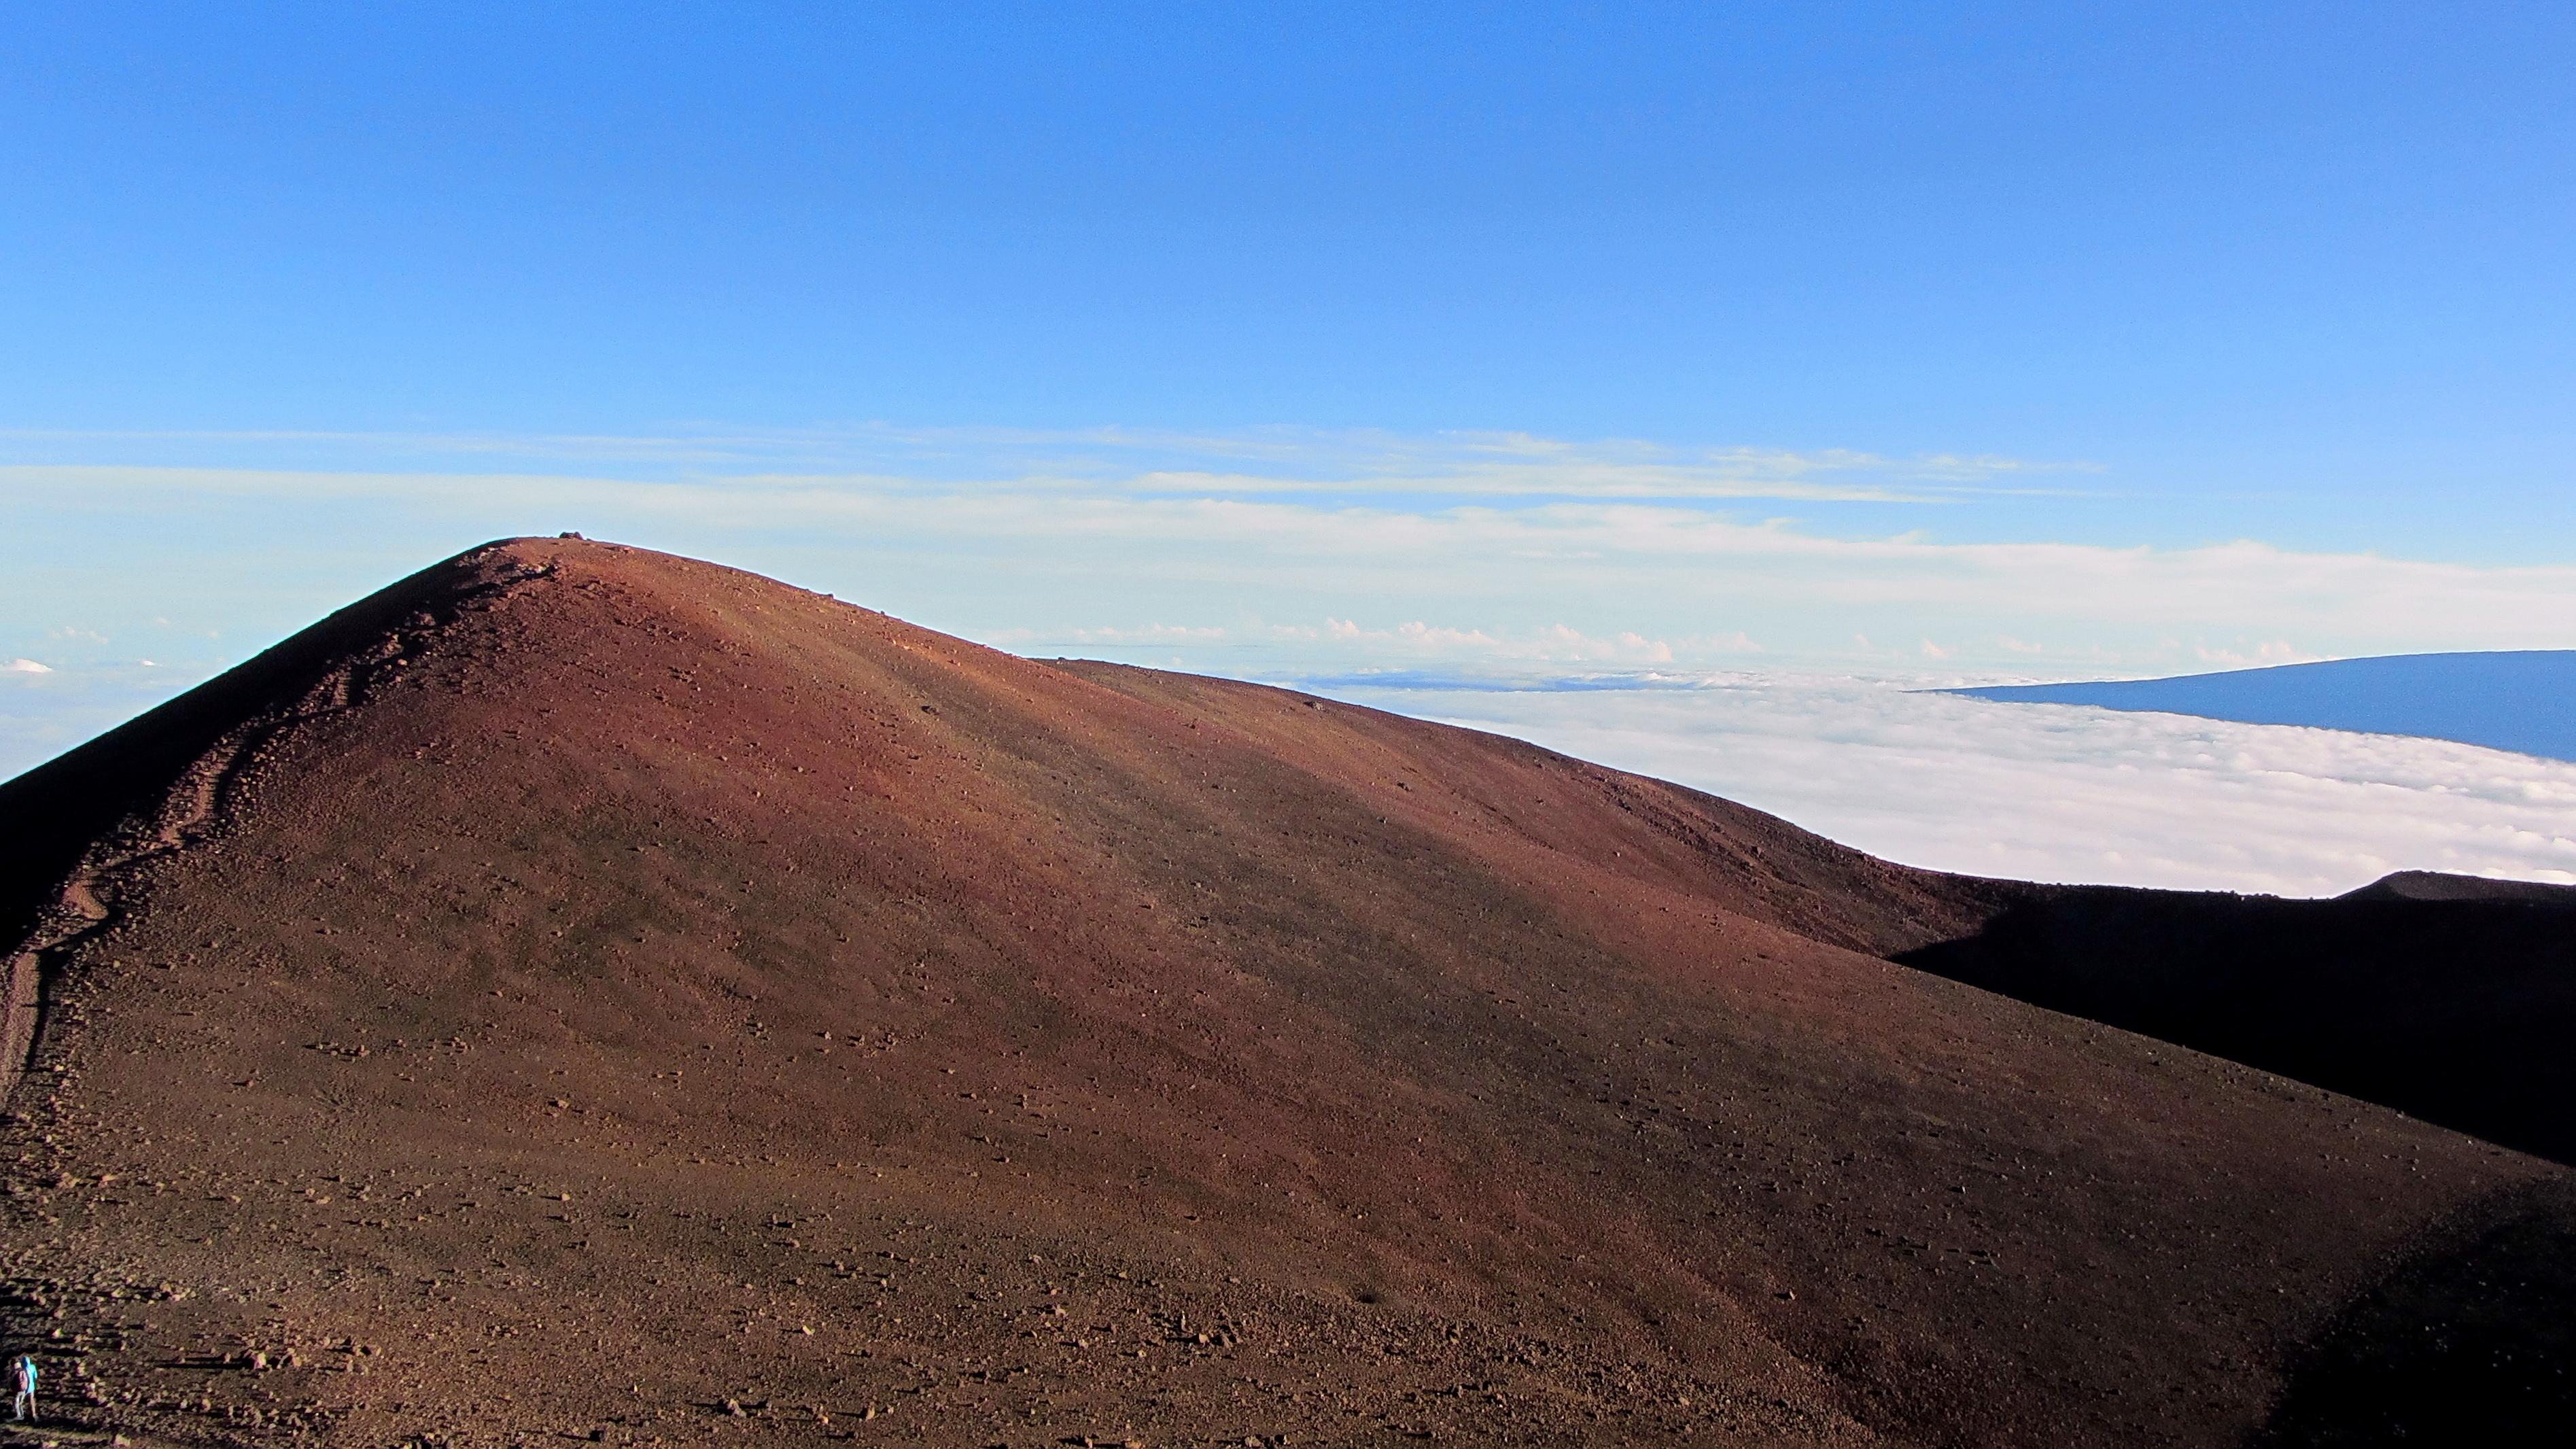 mauna kea vulcao extinto - ponto mais alto do havaí